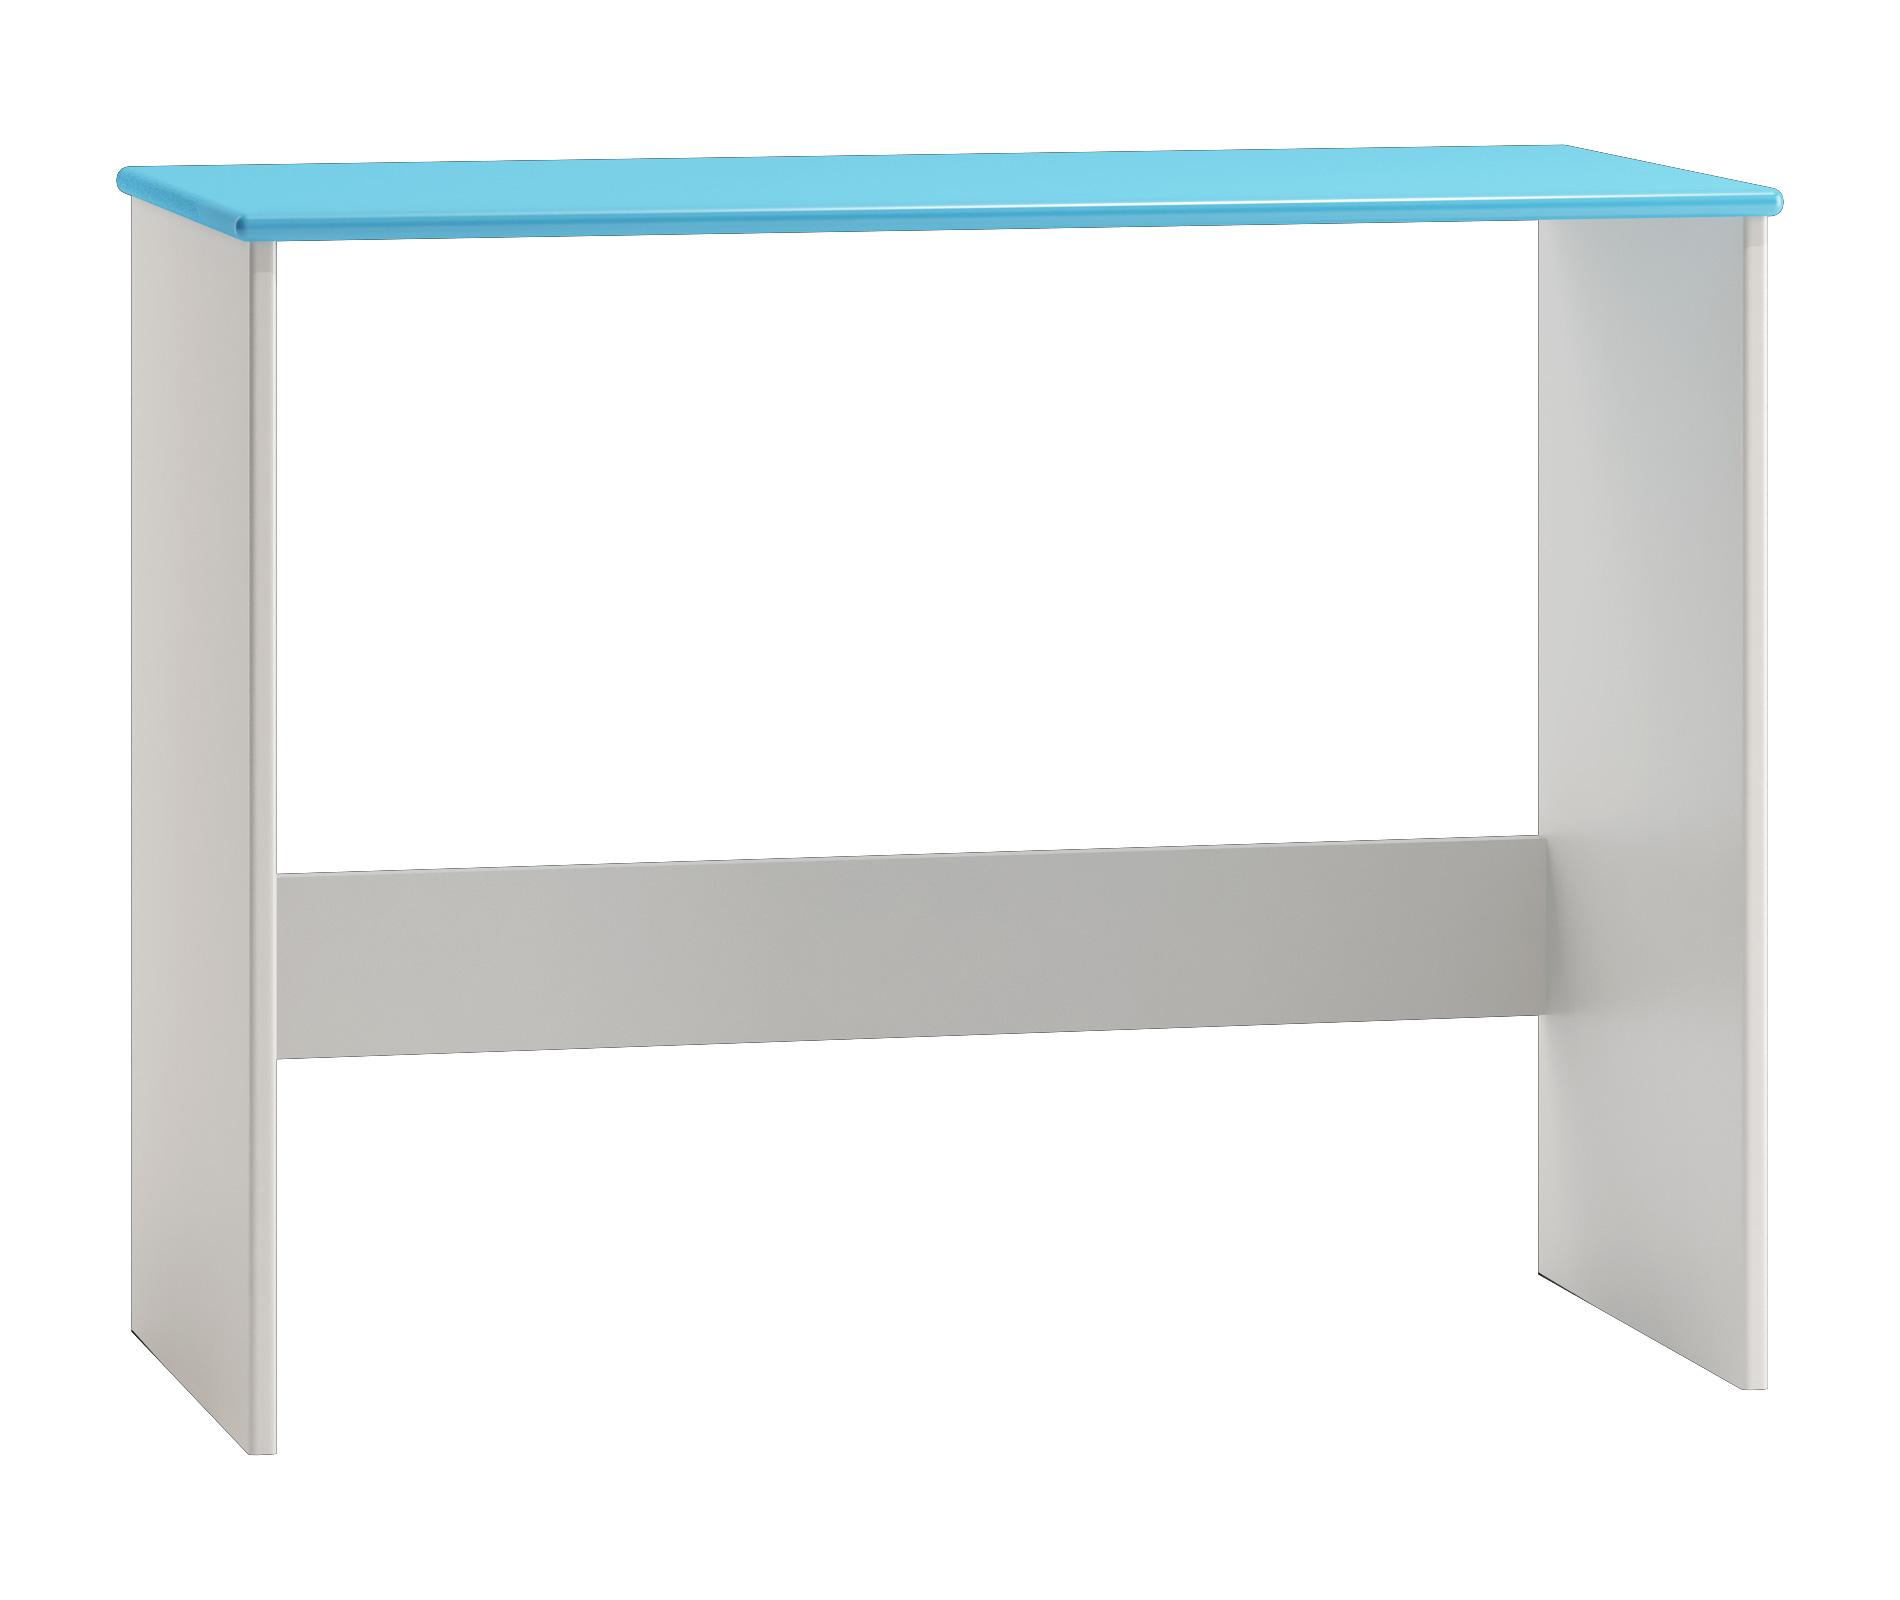 Schreibtisch kiefer massiv vollholz wei blau lackiert 009 for Schreibtisch vollholz